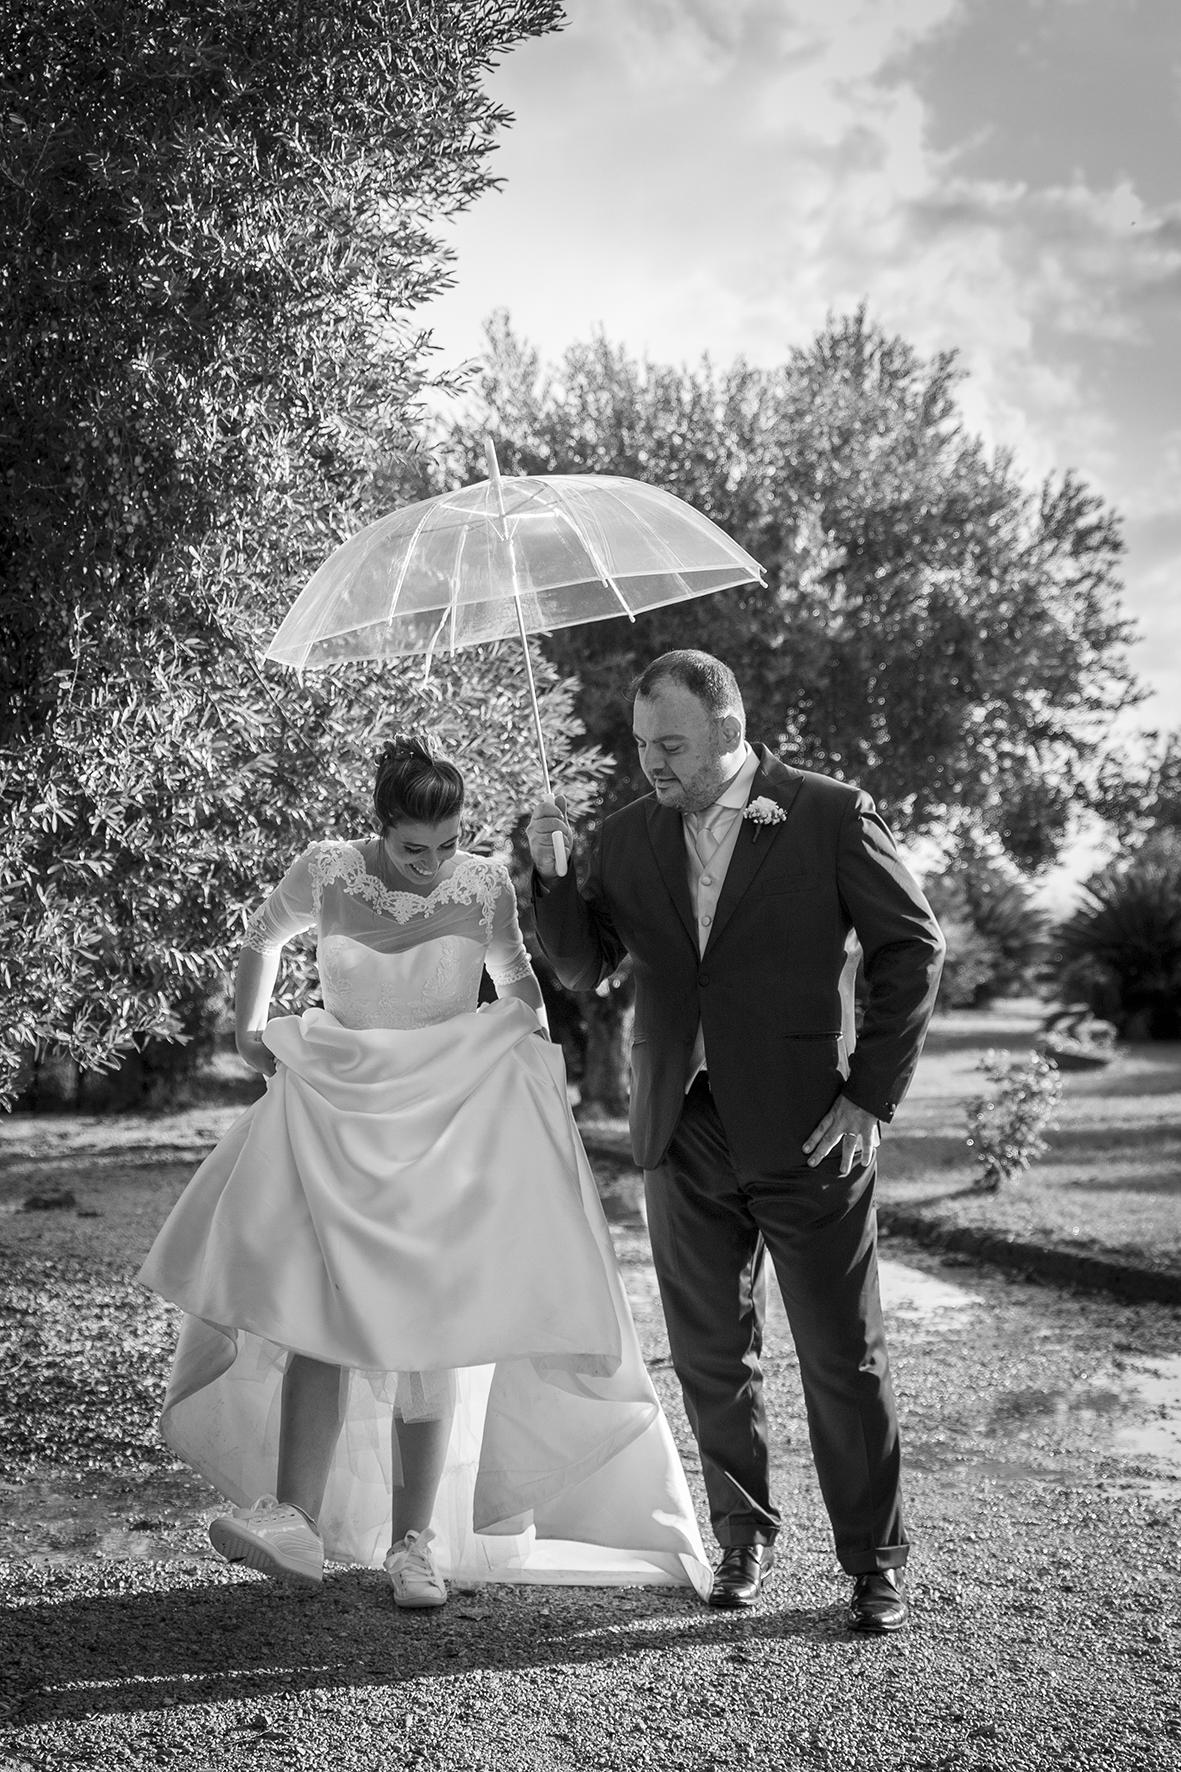 matrimonio sotto la pioggia sposi con ombrello